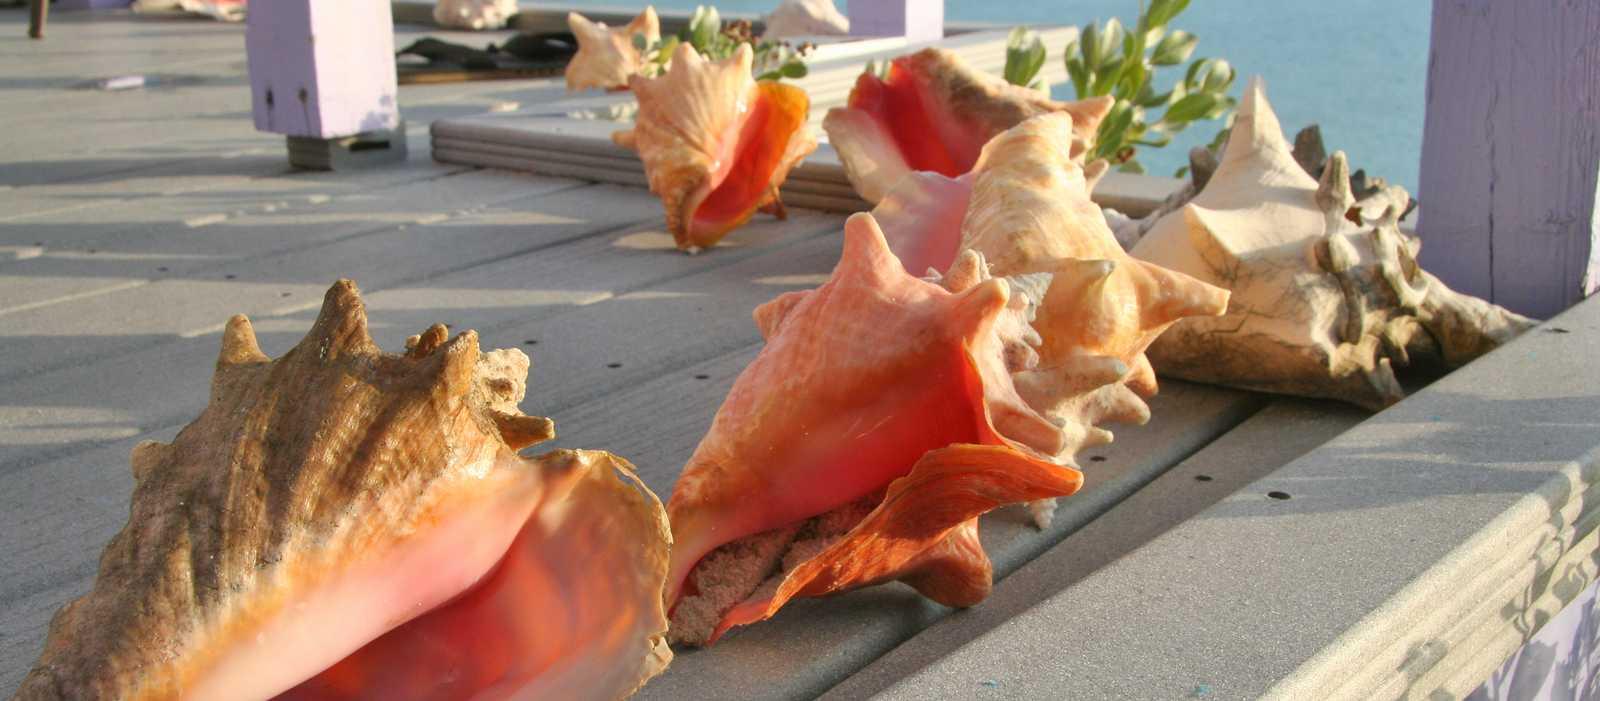 Conch Muscheln auf einem Steg